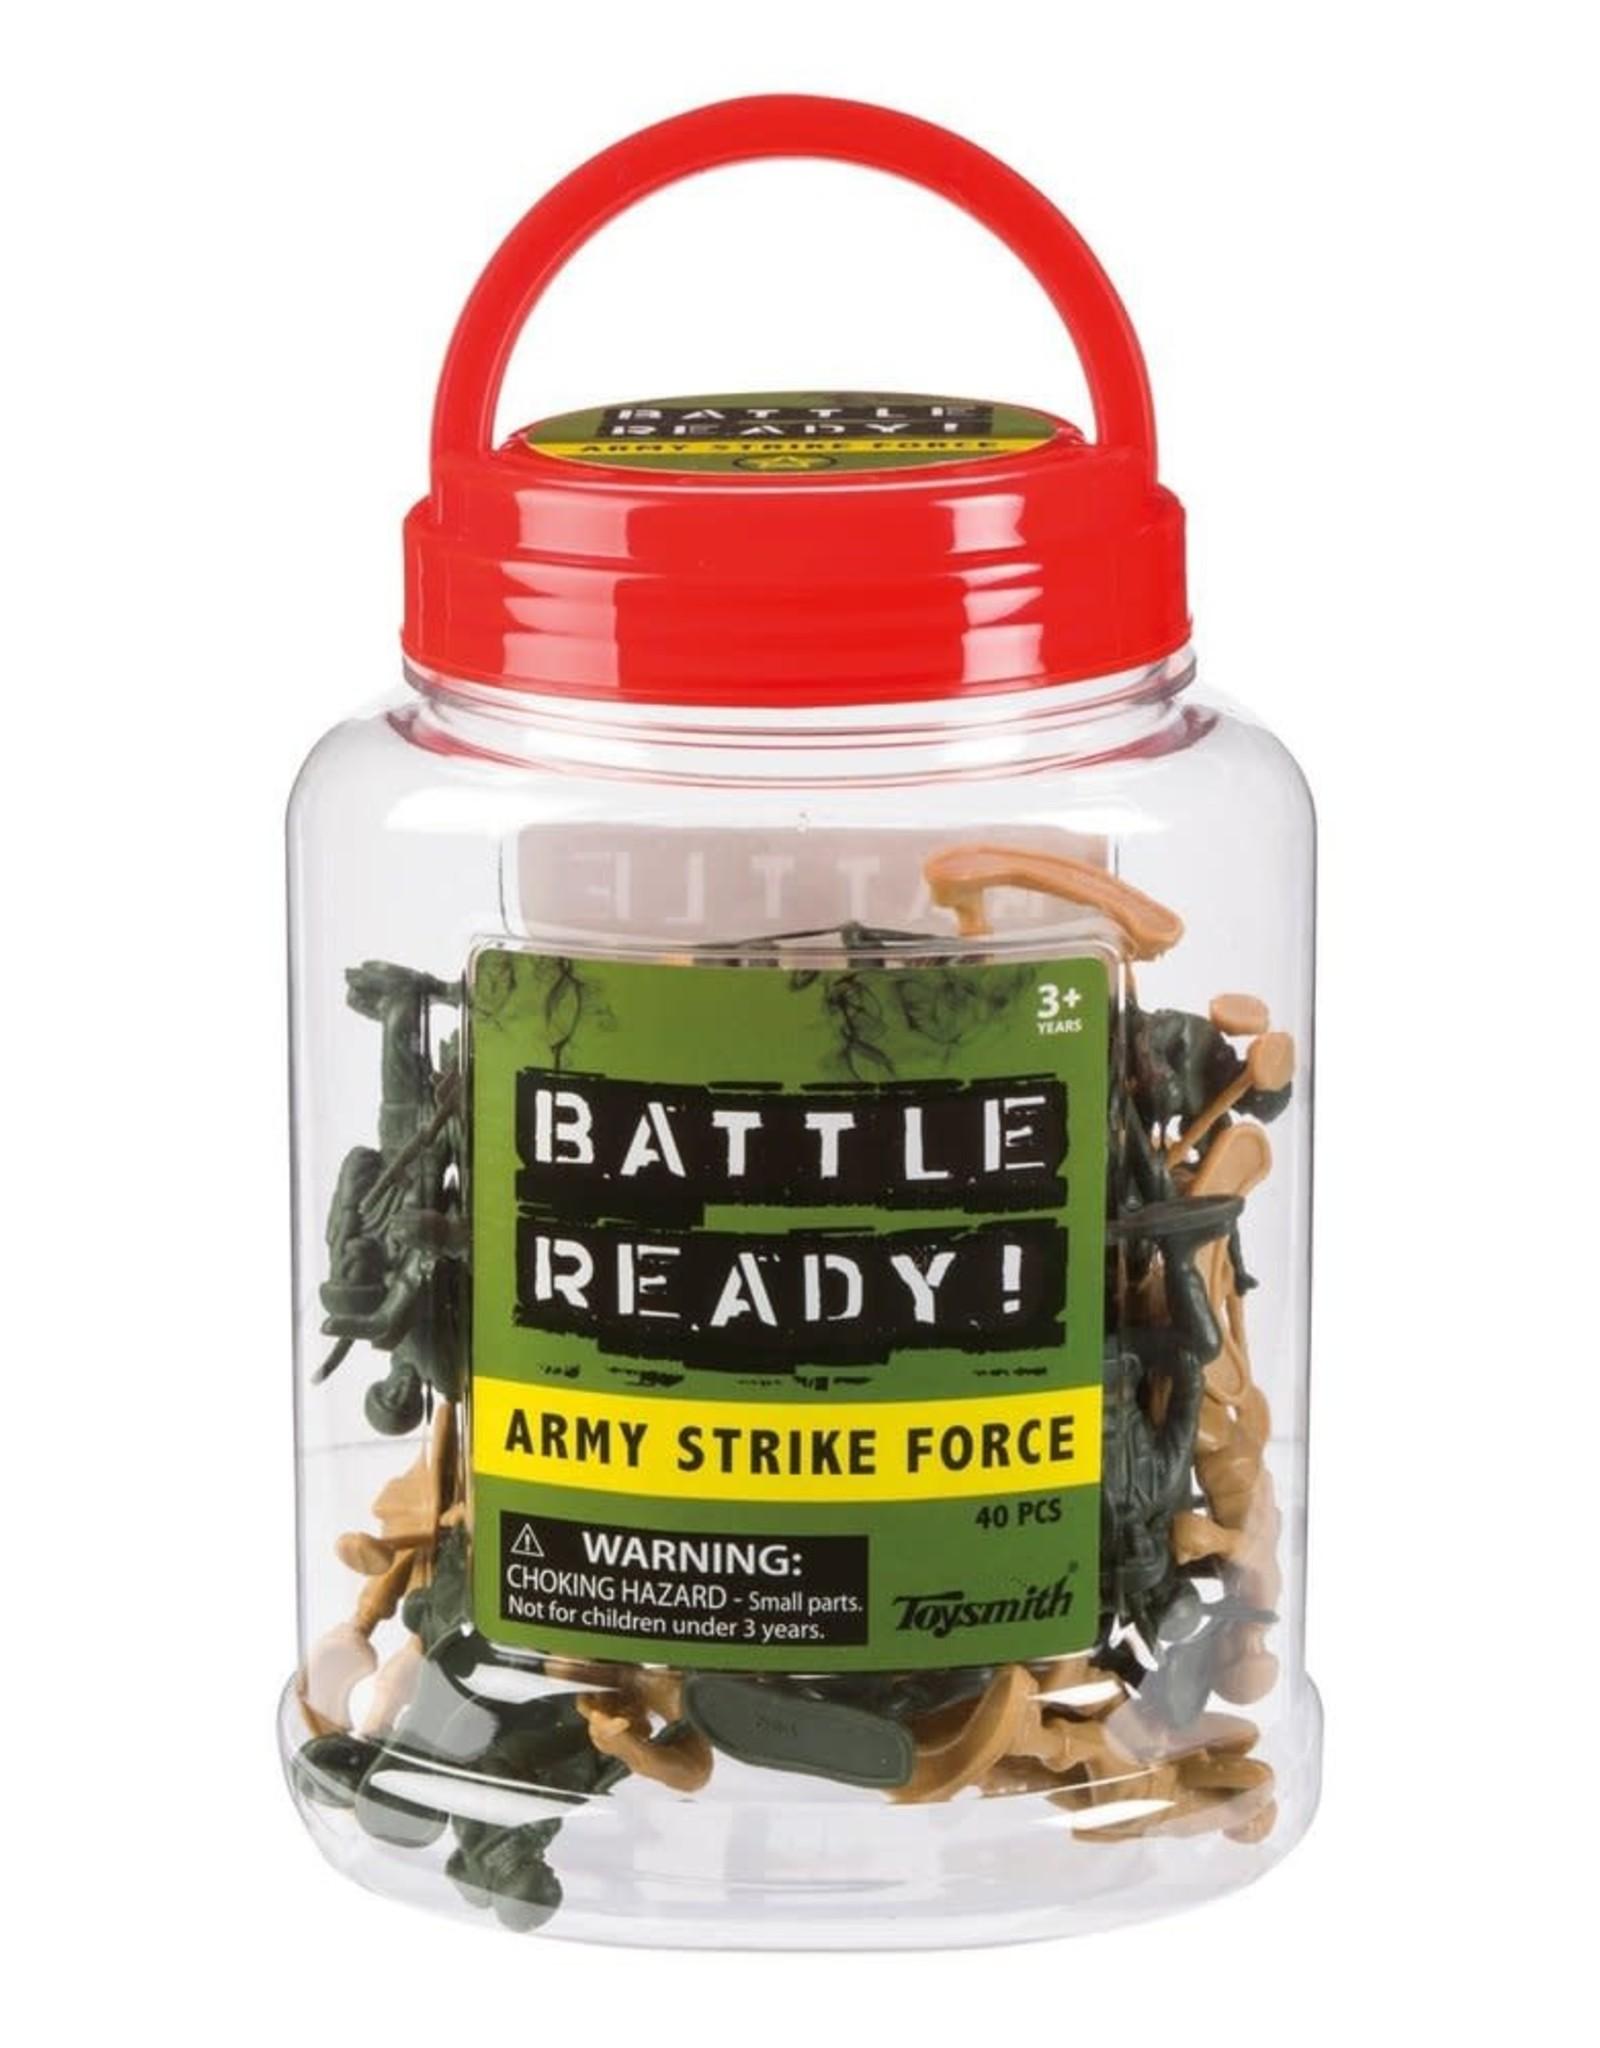 Toysmith Battle Ready Army Strike Force